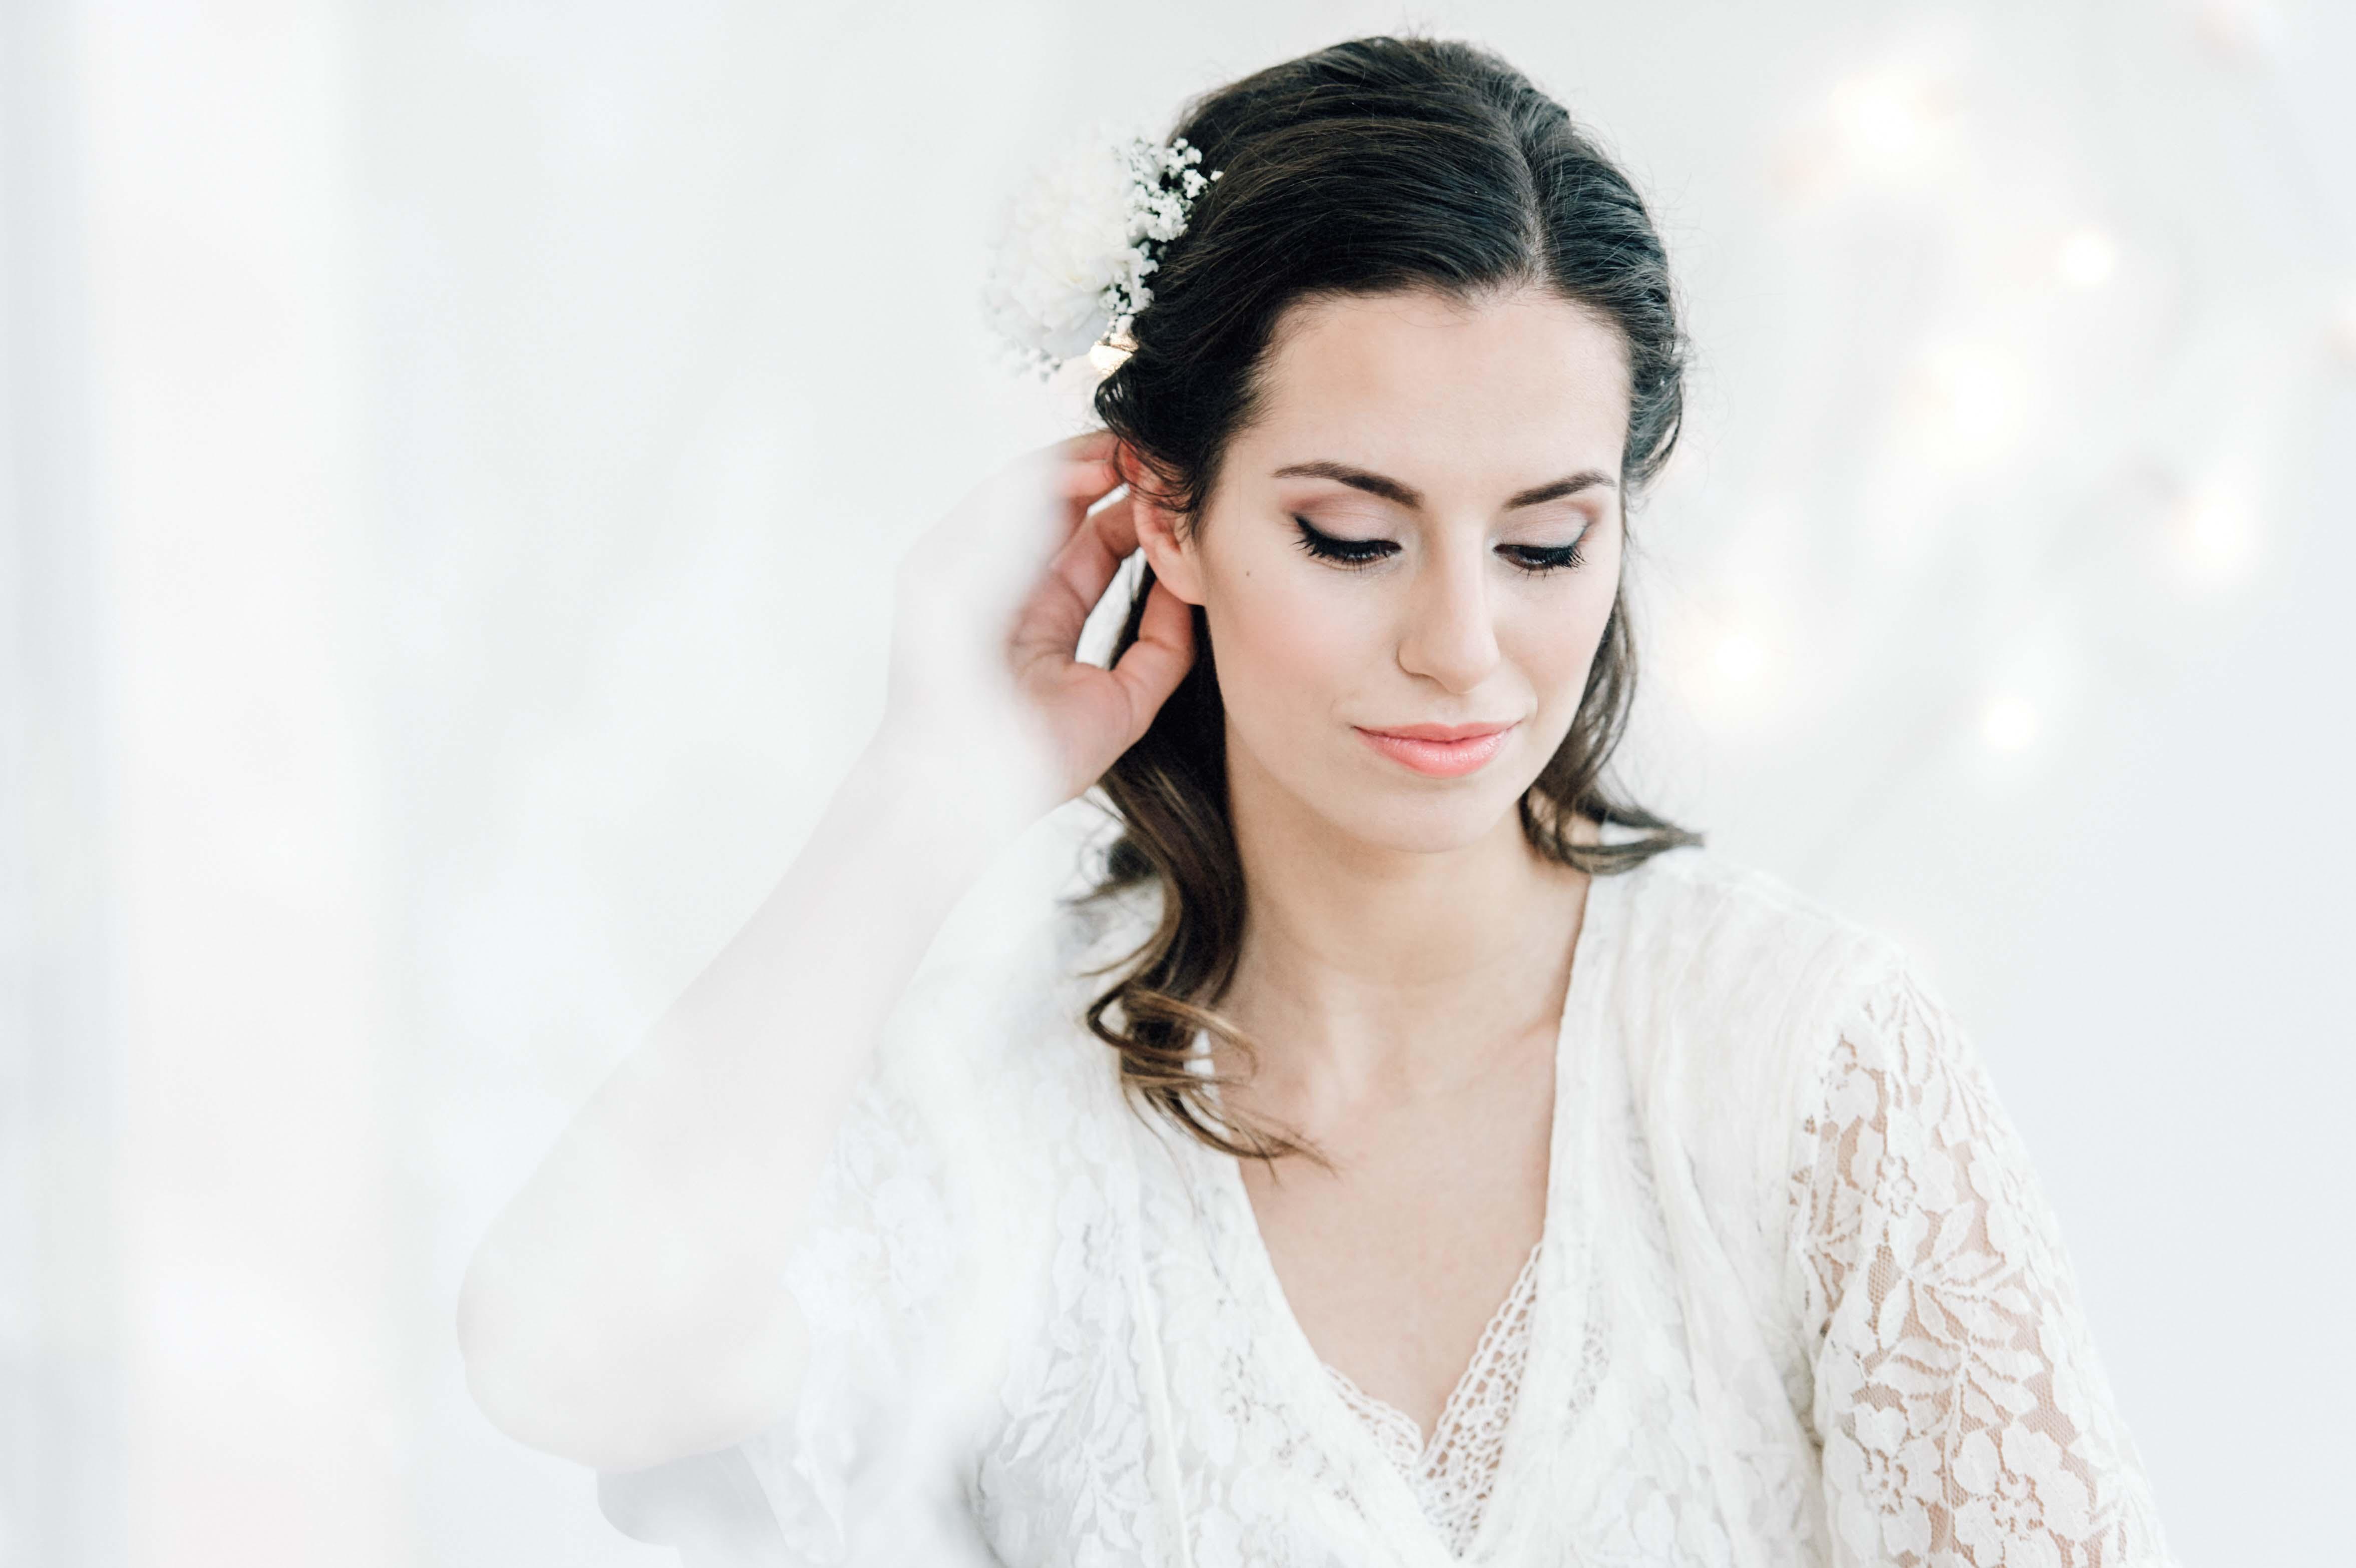 noula Natural Bridal Hair & Make-up Looknoula